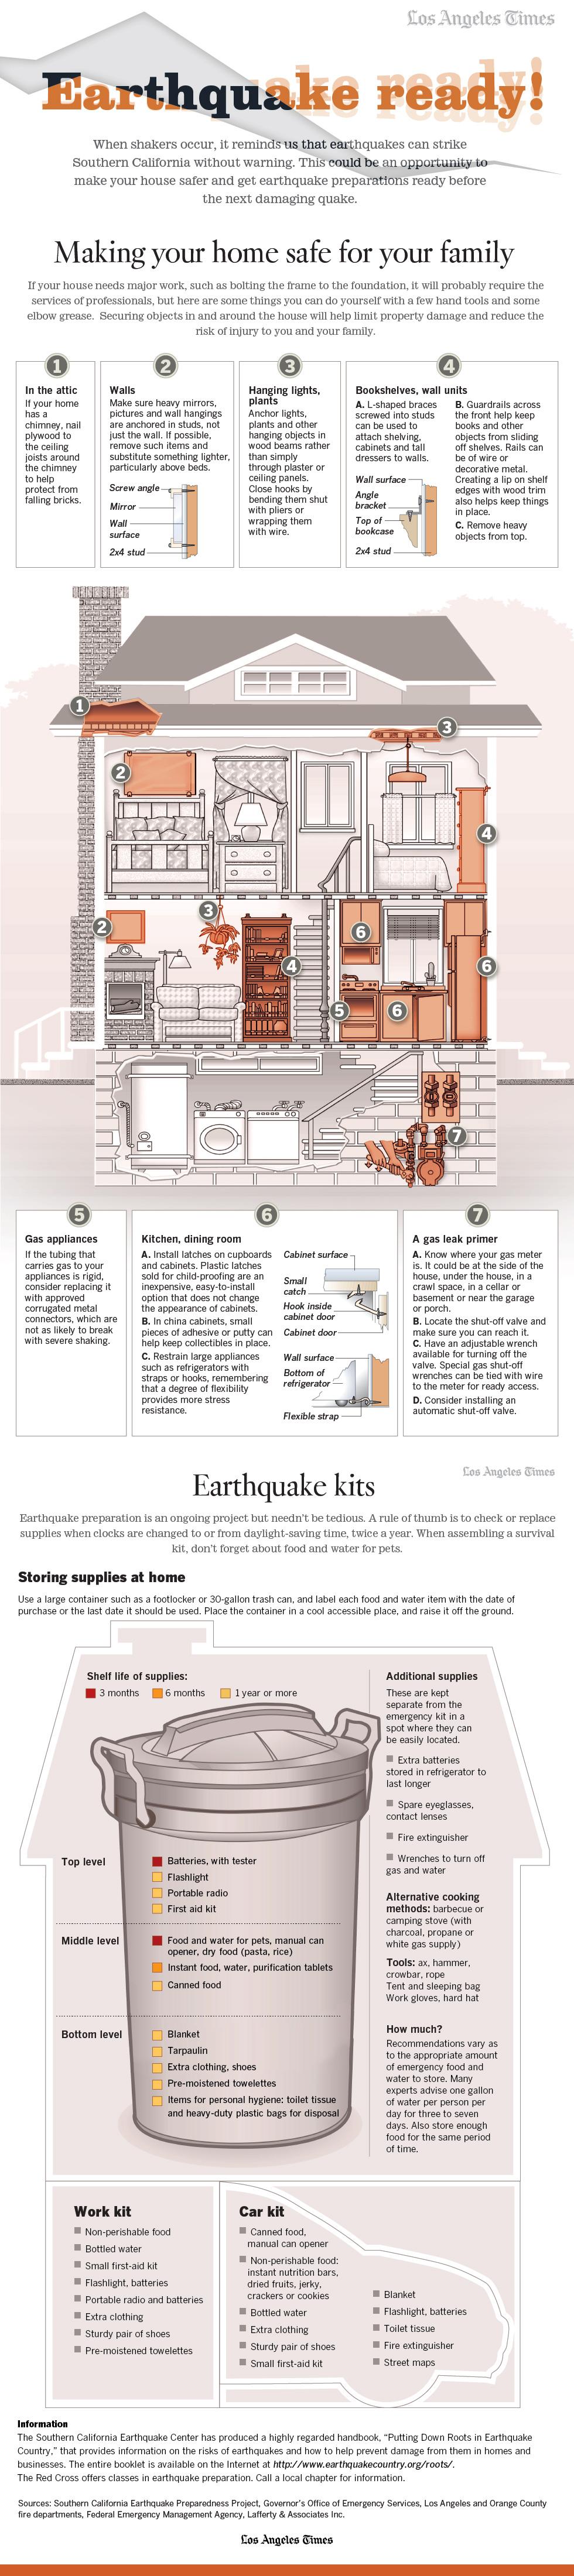 la-me-earthquake-ready.jpg